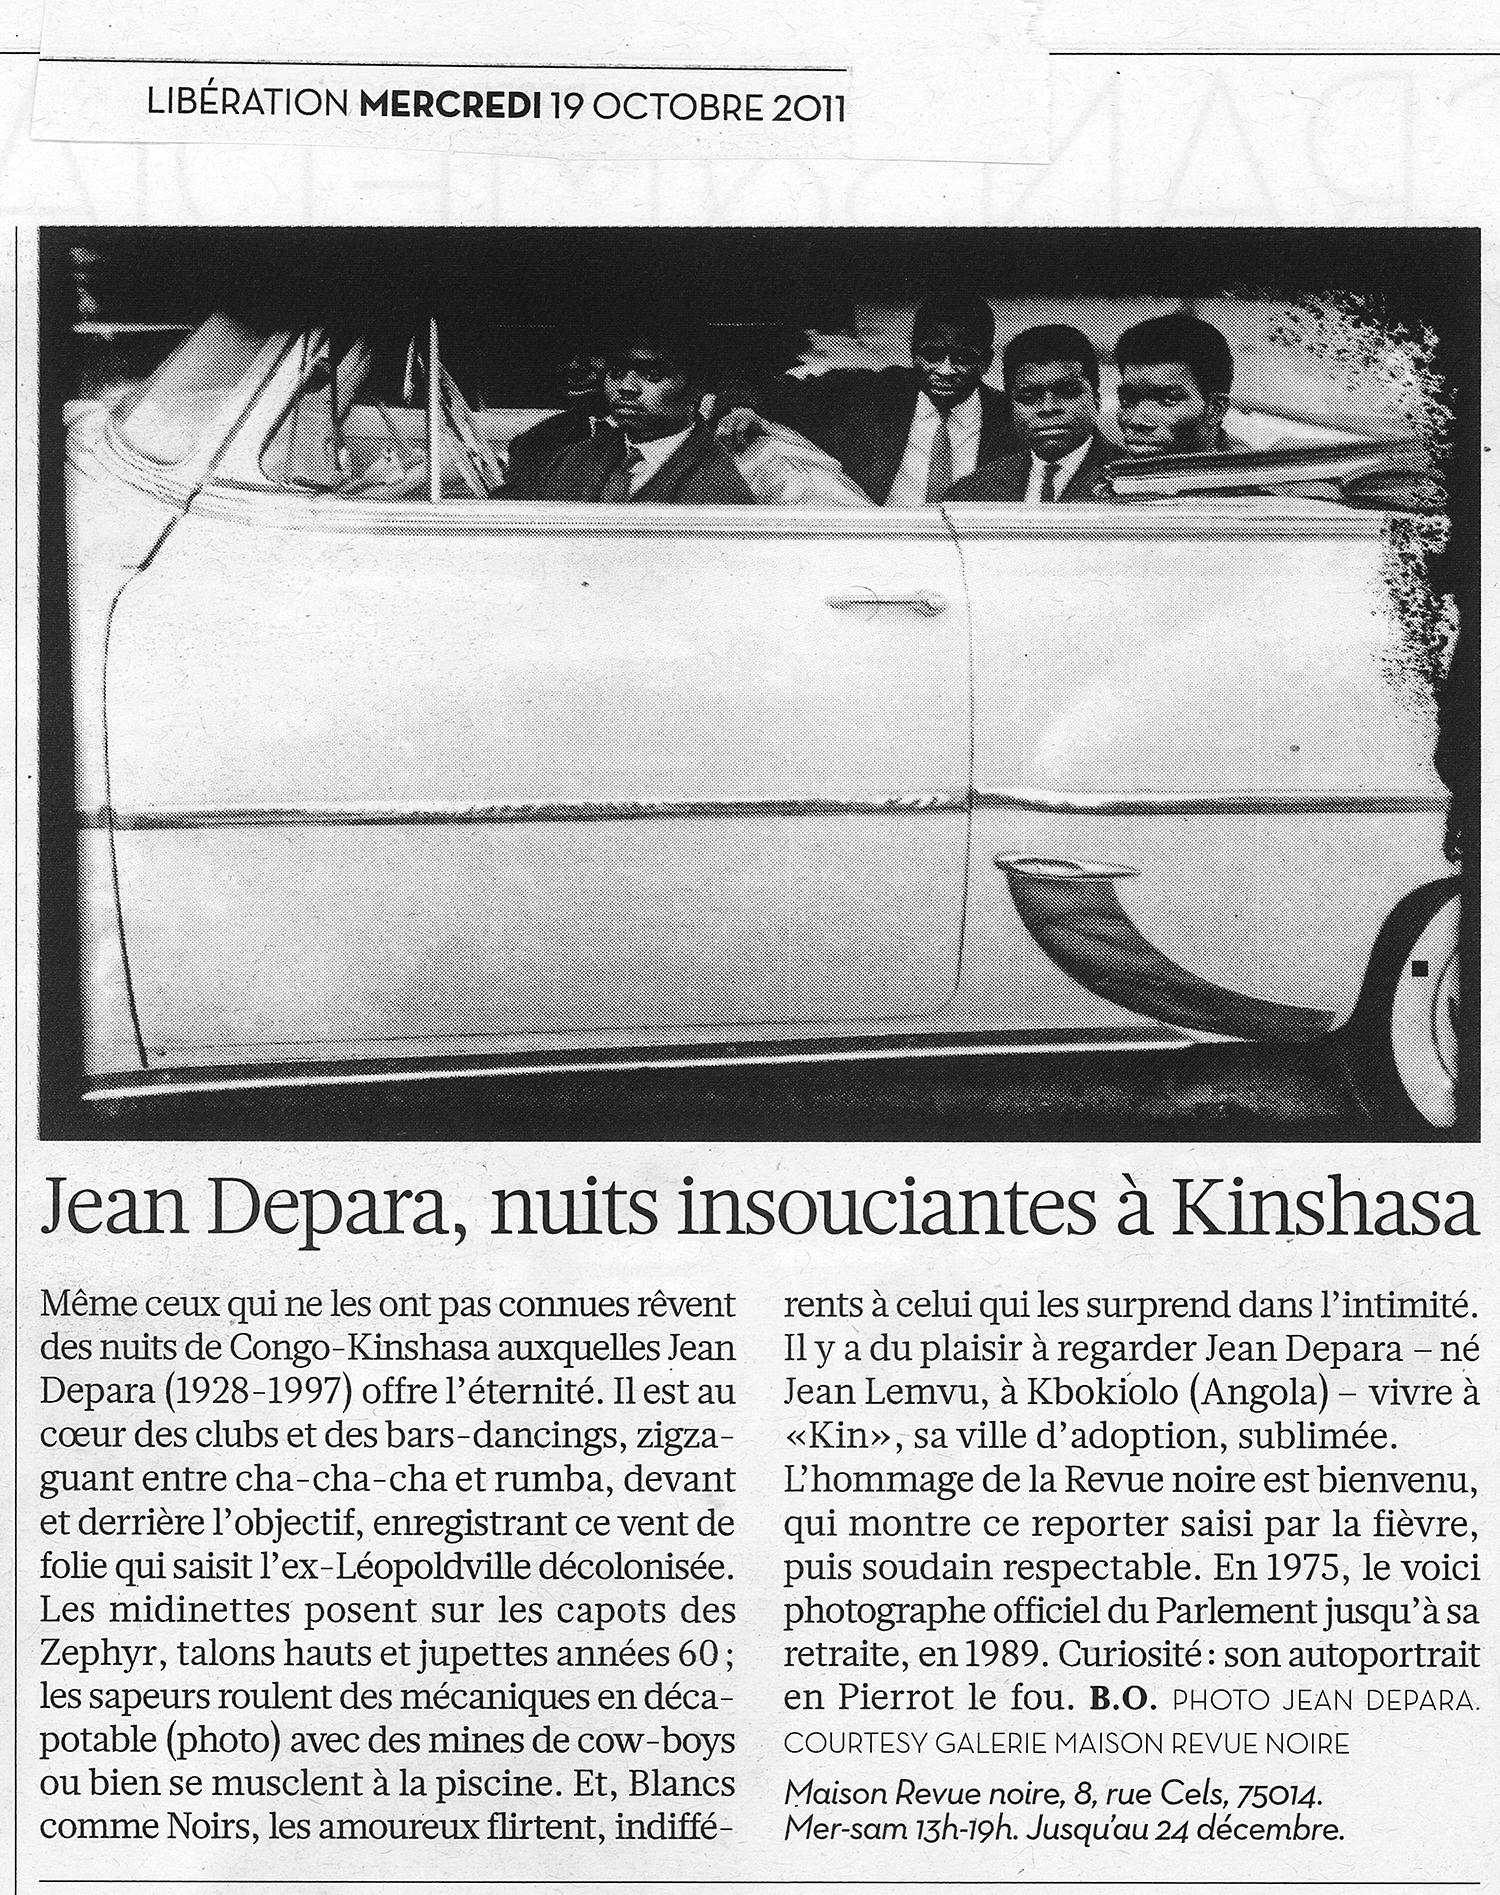 Revue Noire revue de presse: Le Monde octobre 2011, par Brigitte Olier. Jean Depara, nuits insouciantes à Kinshasa, expo Jean Depara